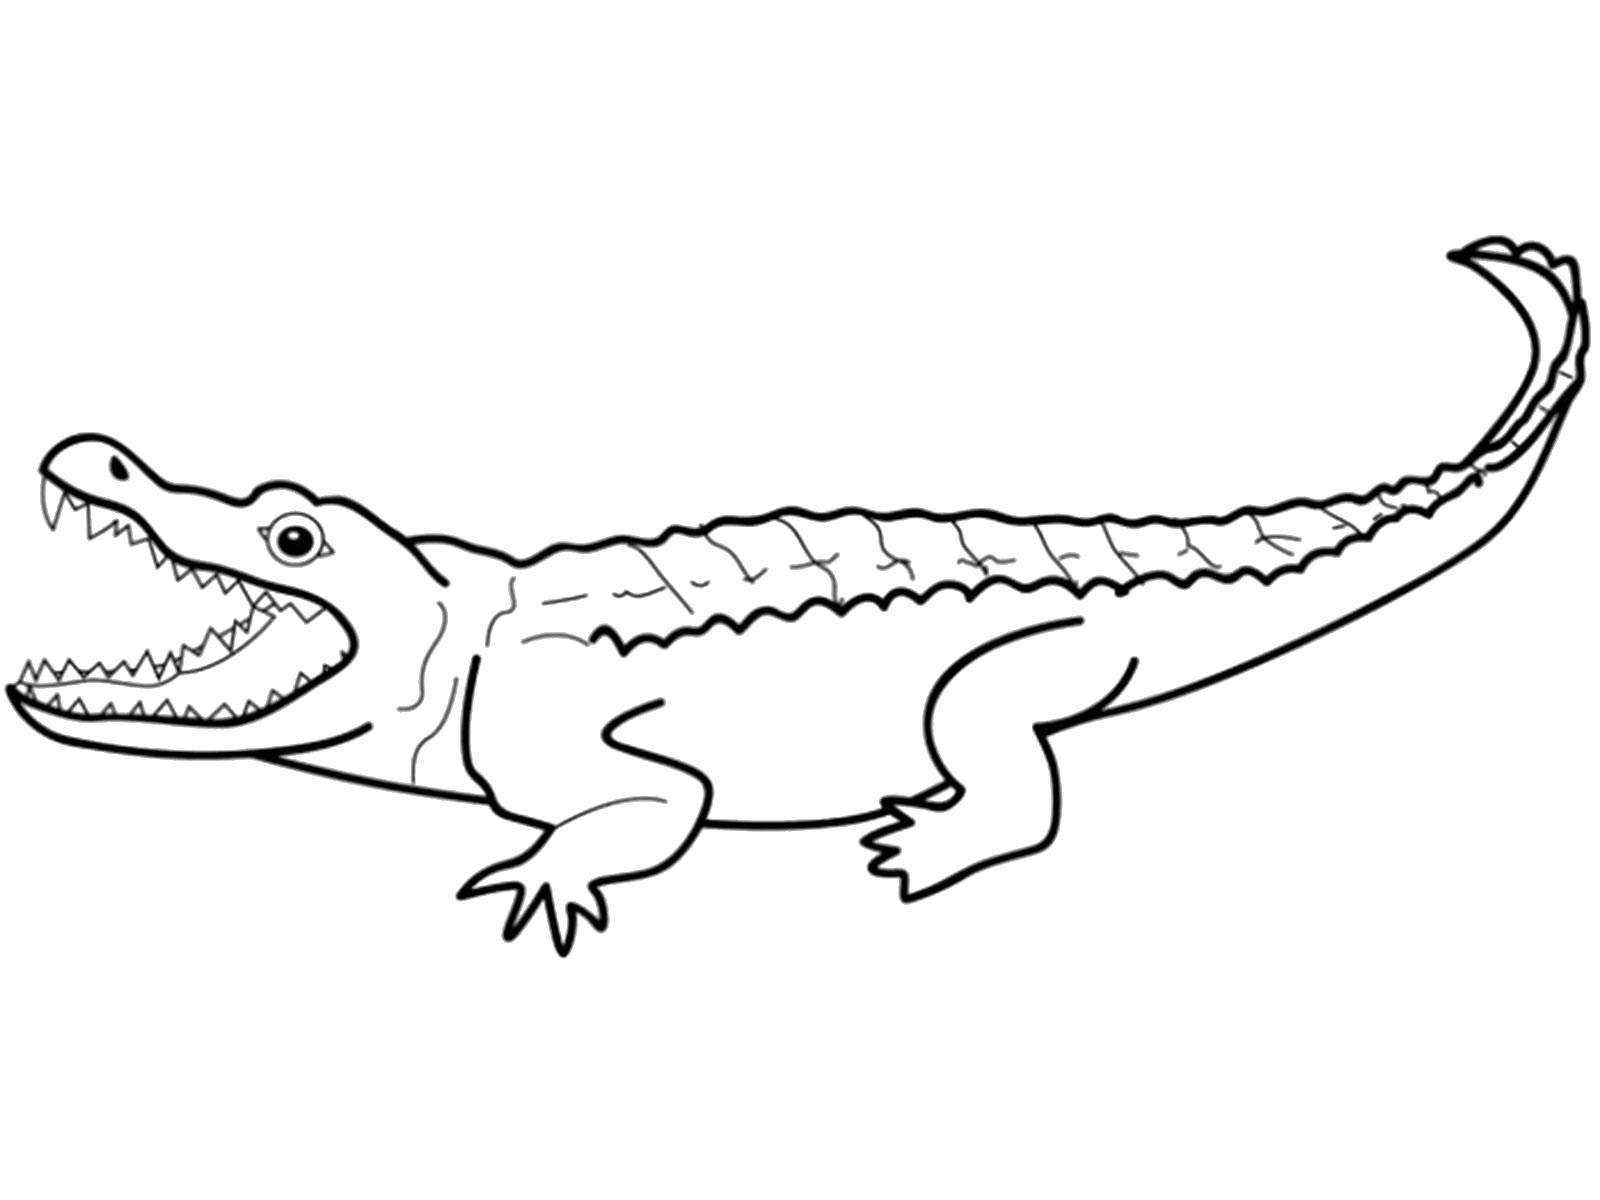 полуприцепов аллигатор картинка раскраска органза нуждается